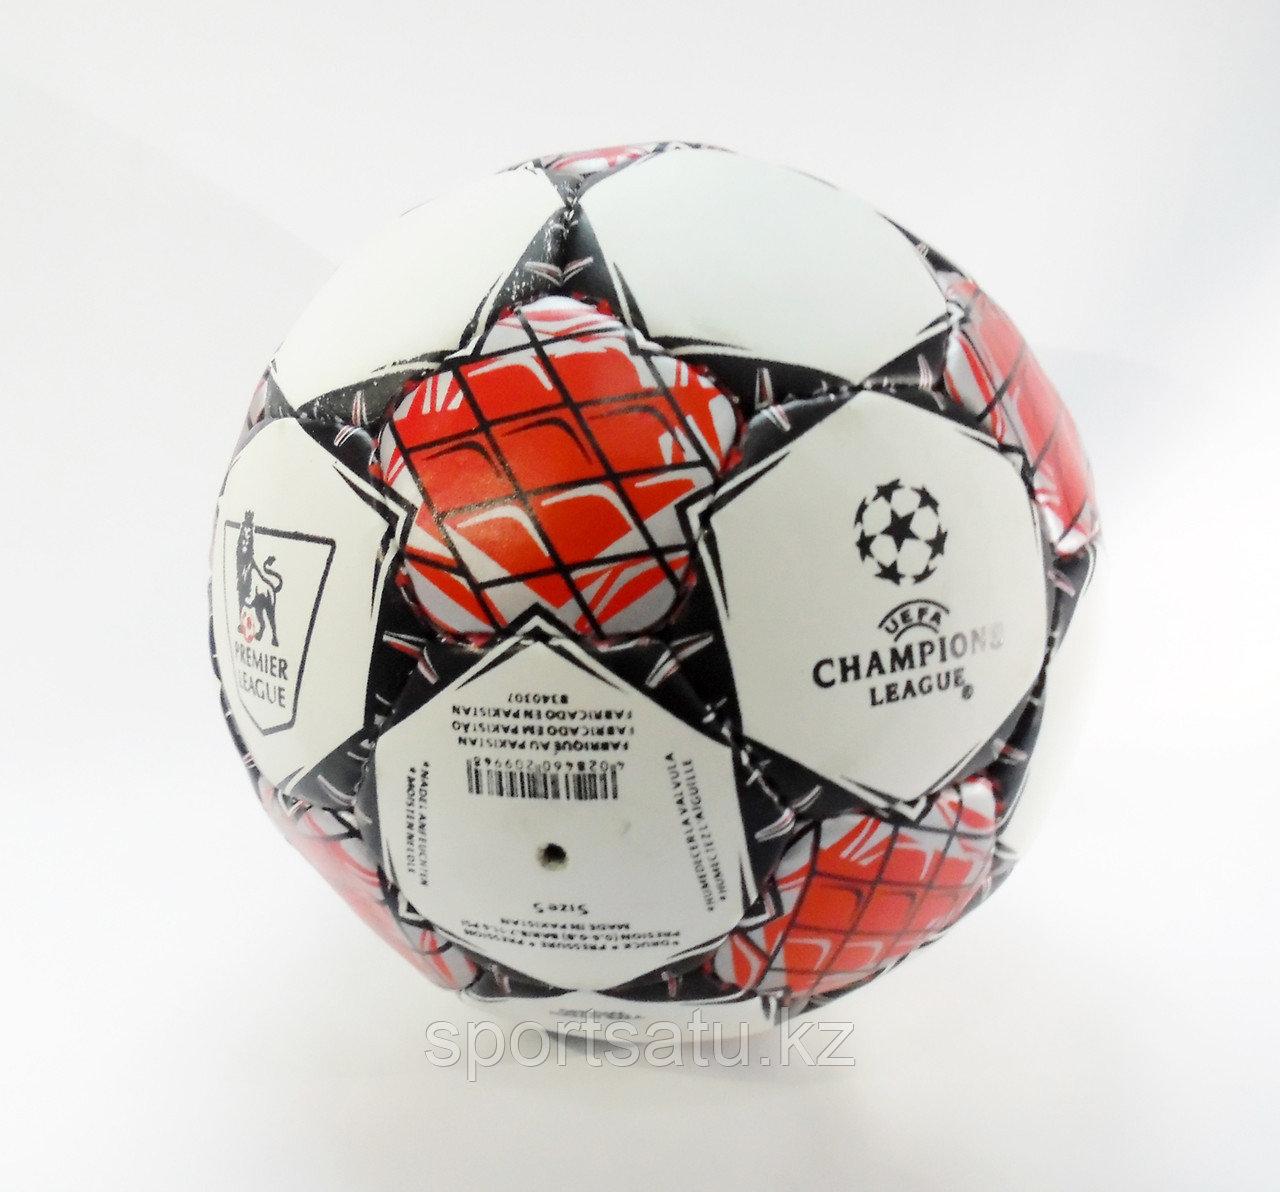 Футбольный мяч LFP